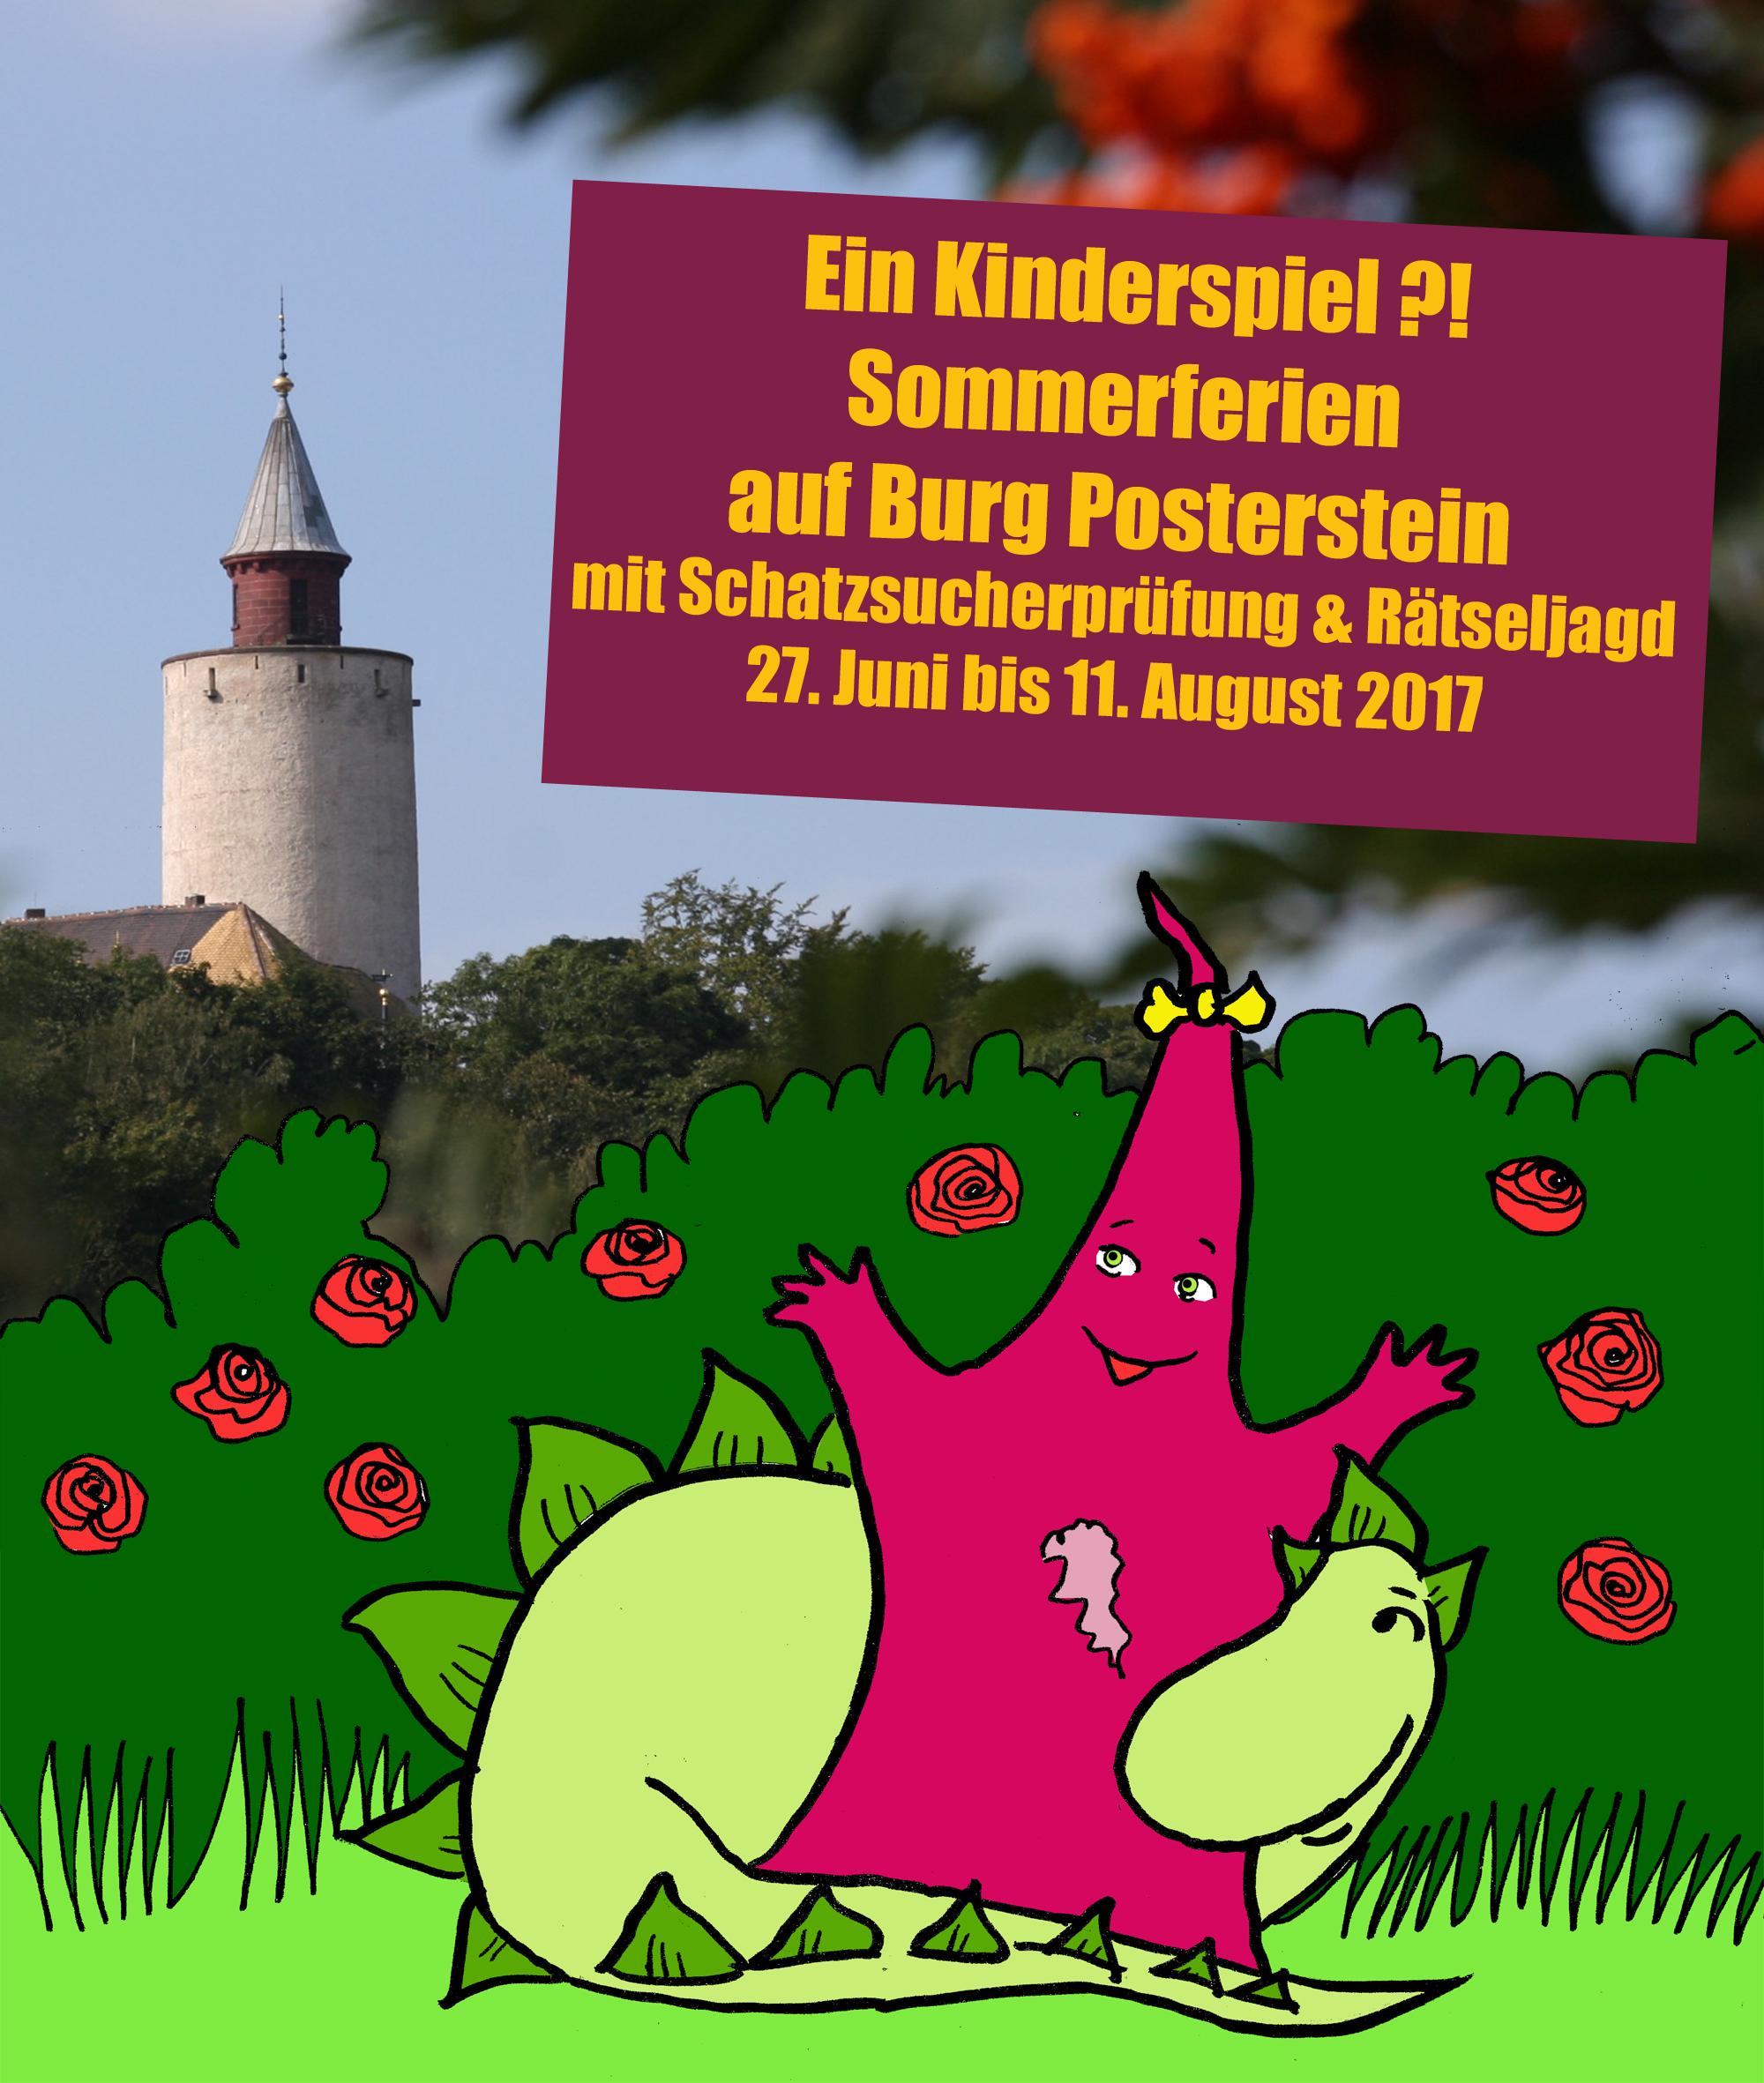 Ein Kinderspiel?! Sommerferien auf Burg Posterstein mit Schatzsucher-Prüfung und Rätseljagd